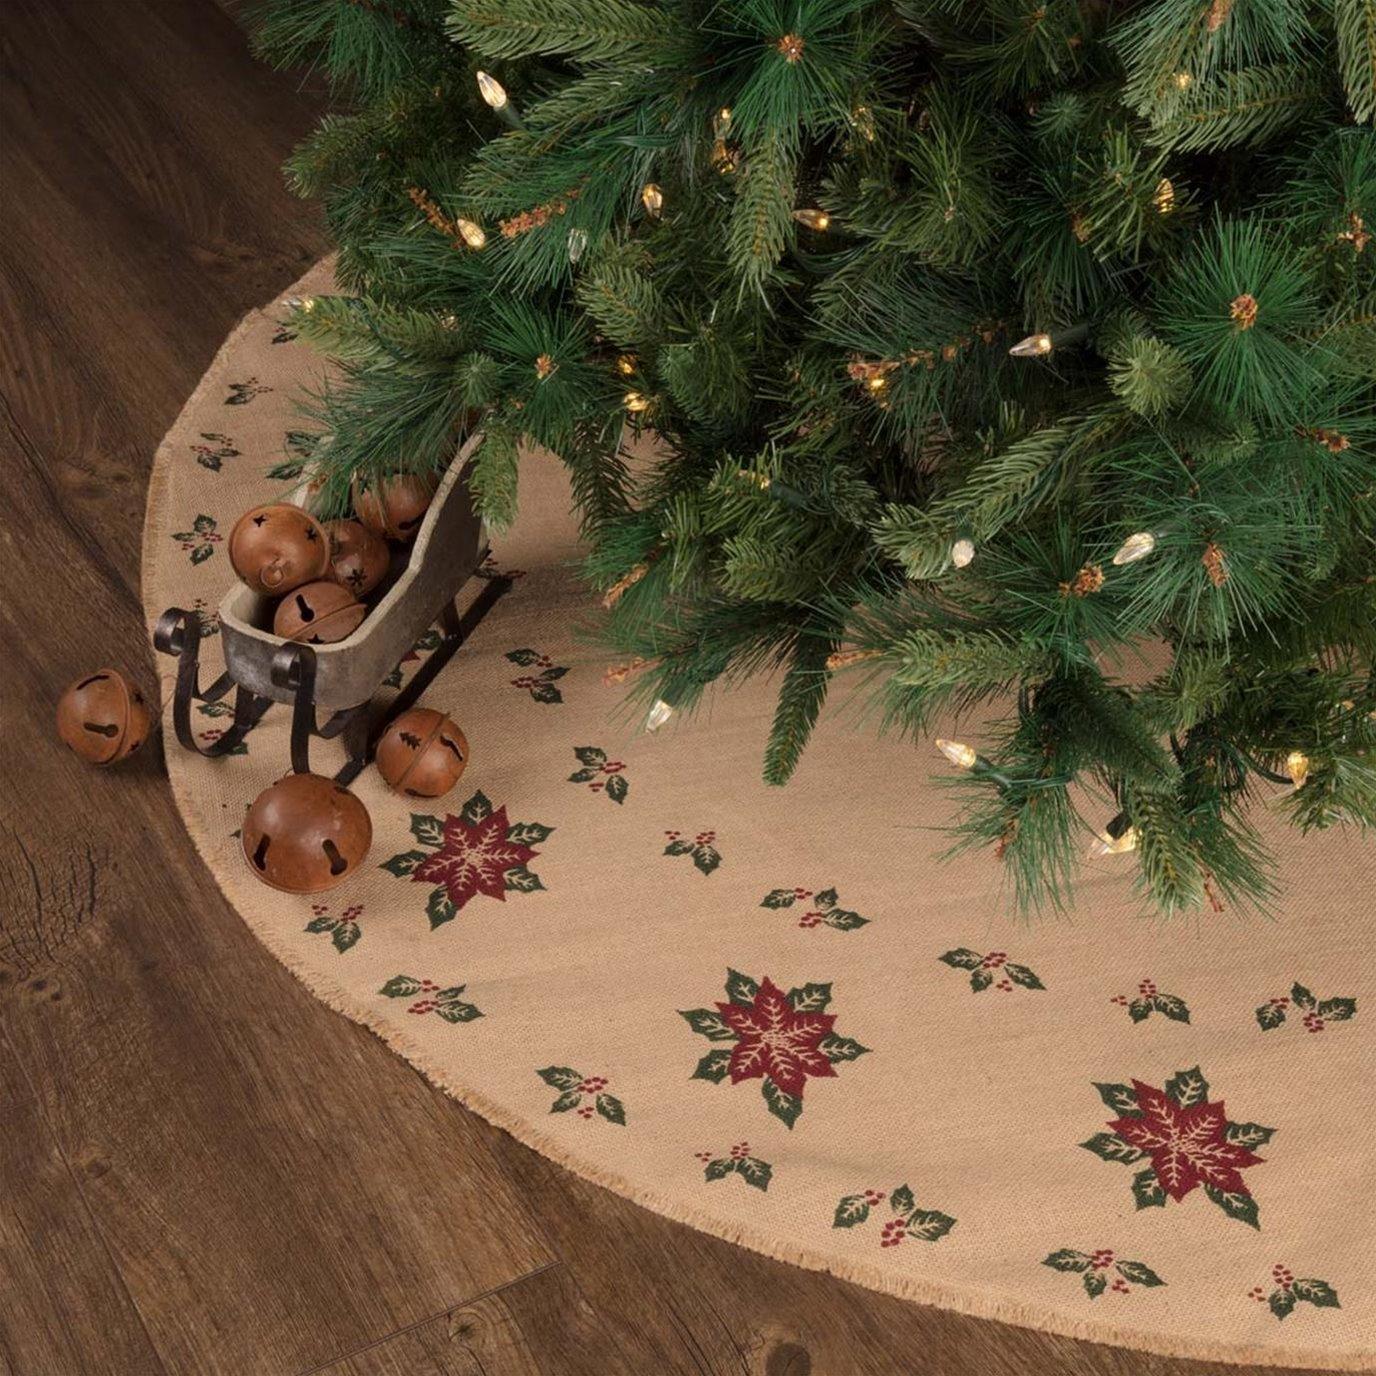 Jute Burlap Poinsettia Tree Skirt 55